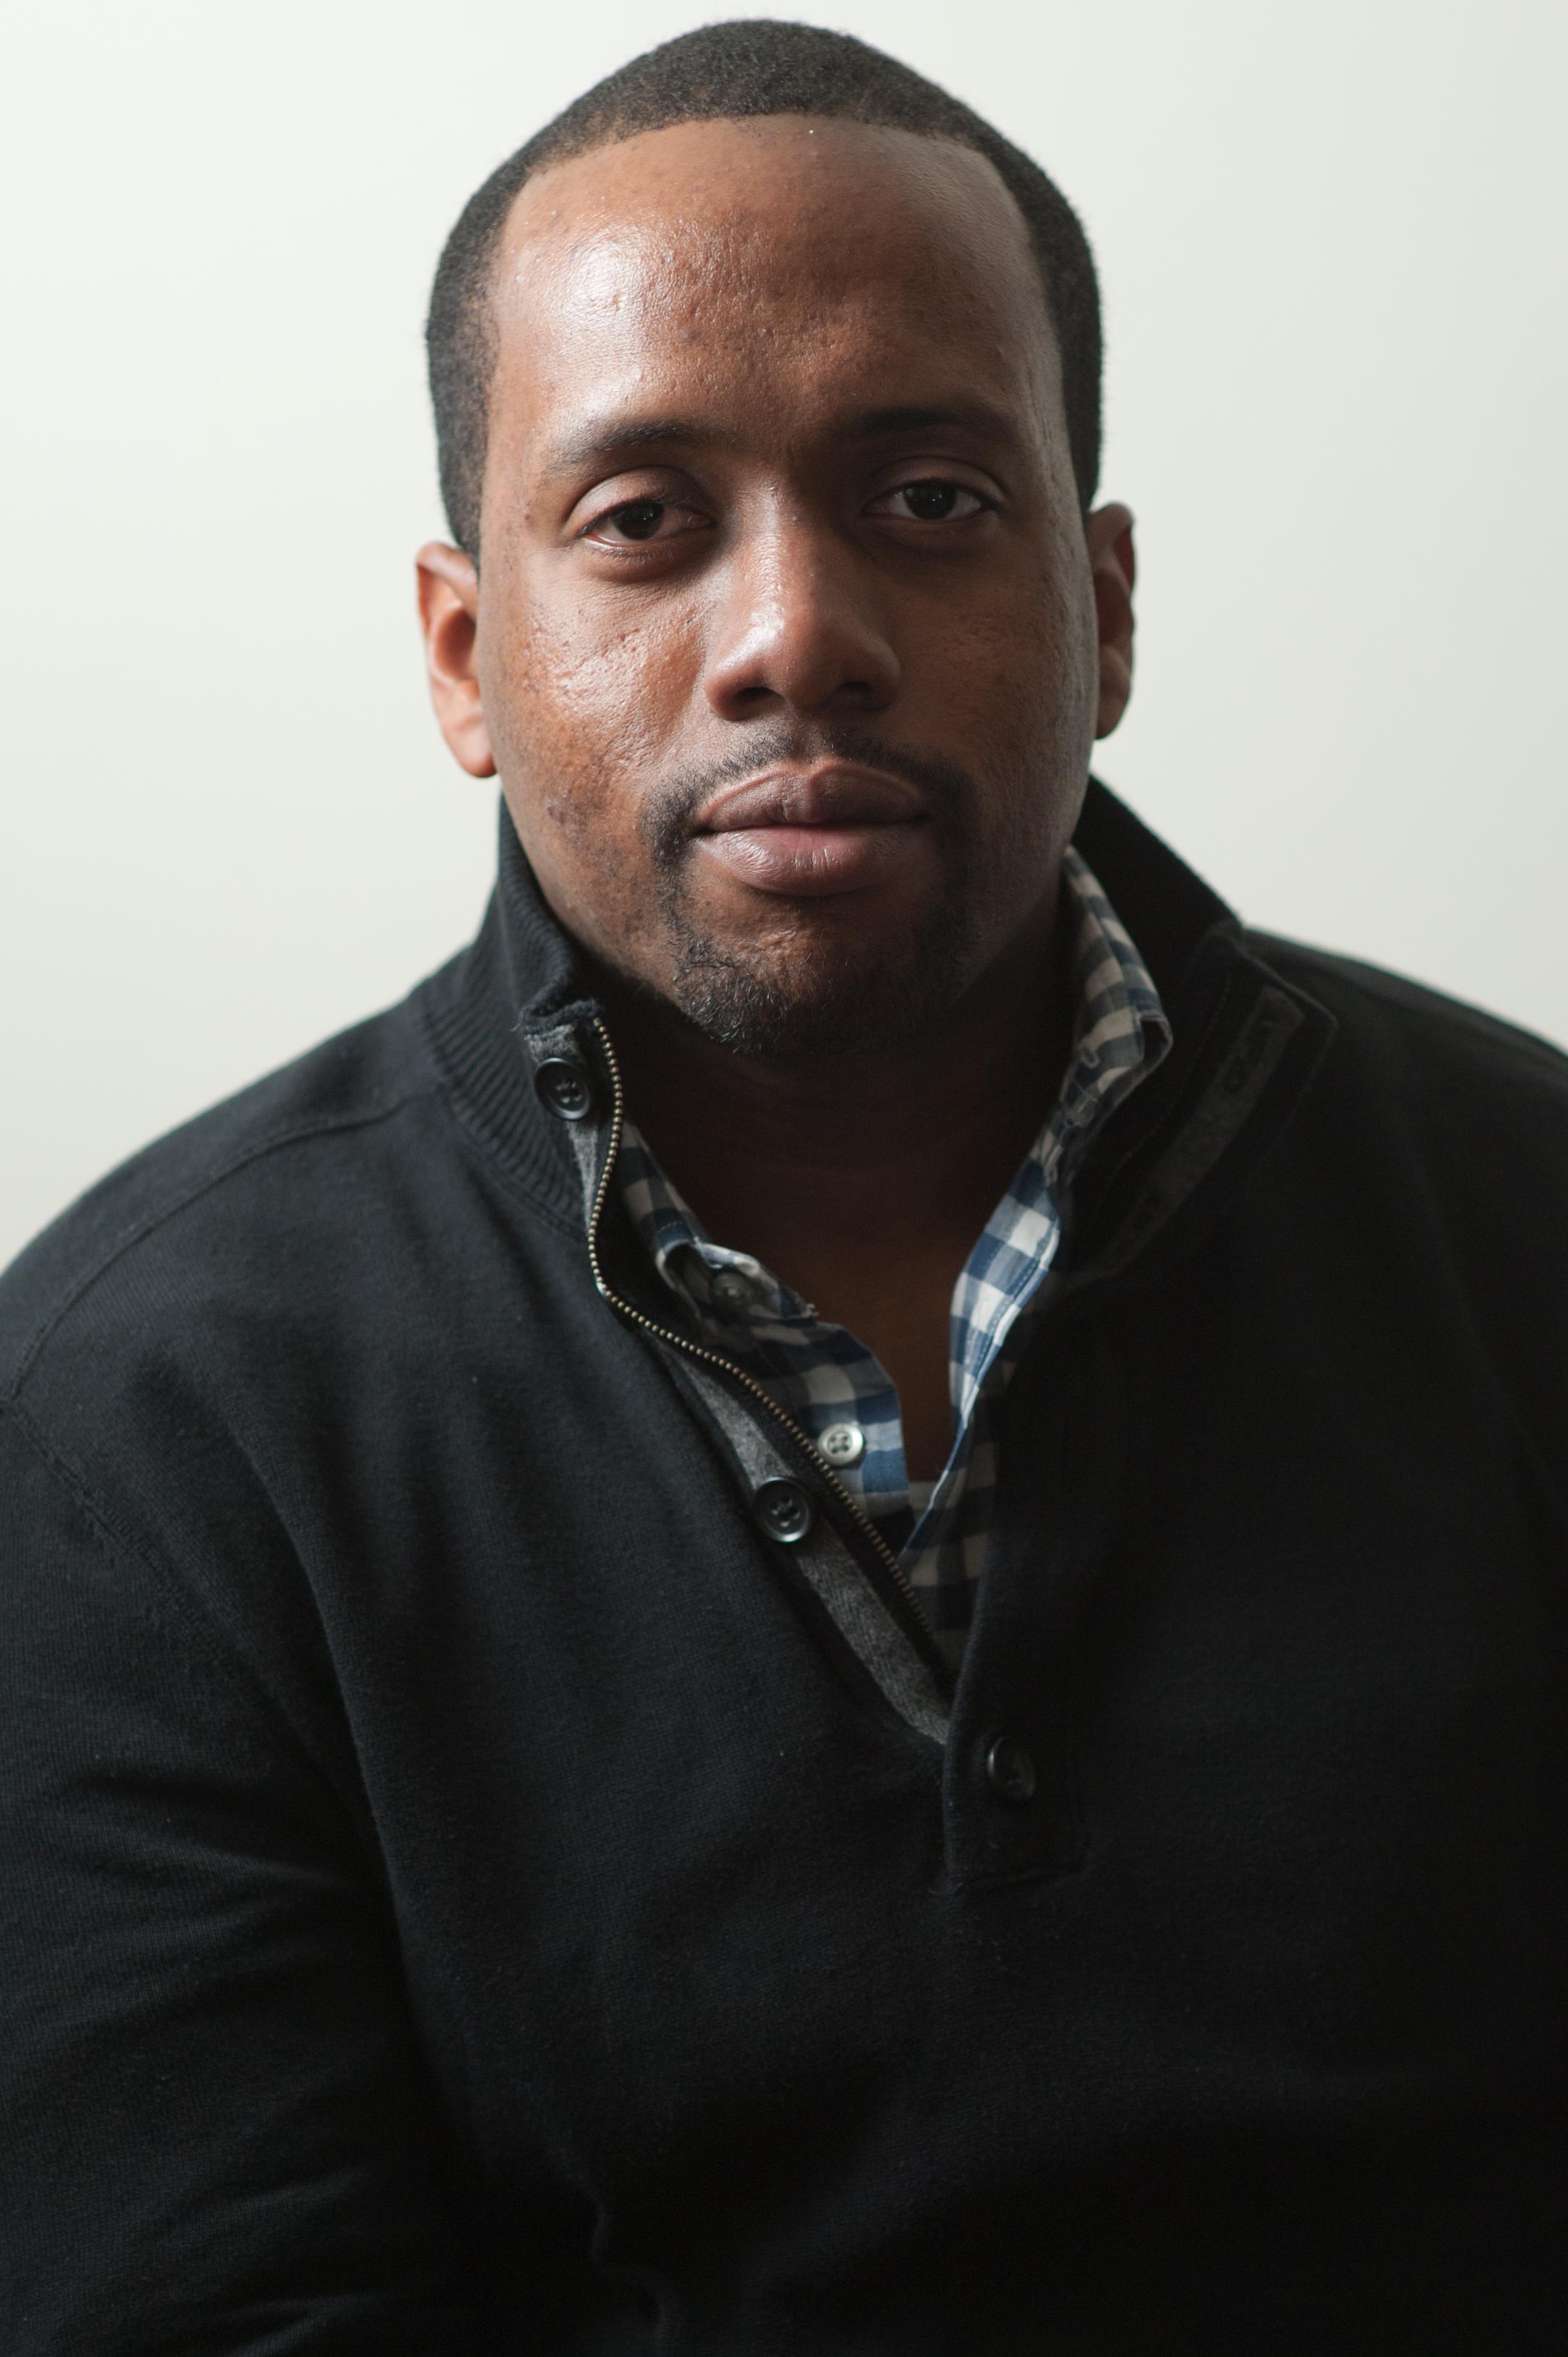 José Luis Vilson